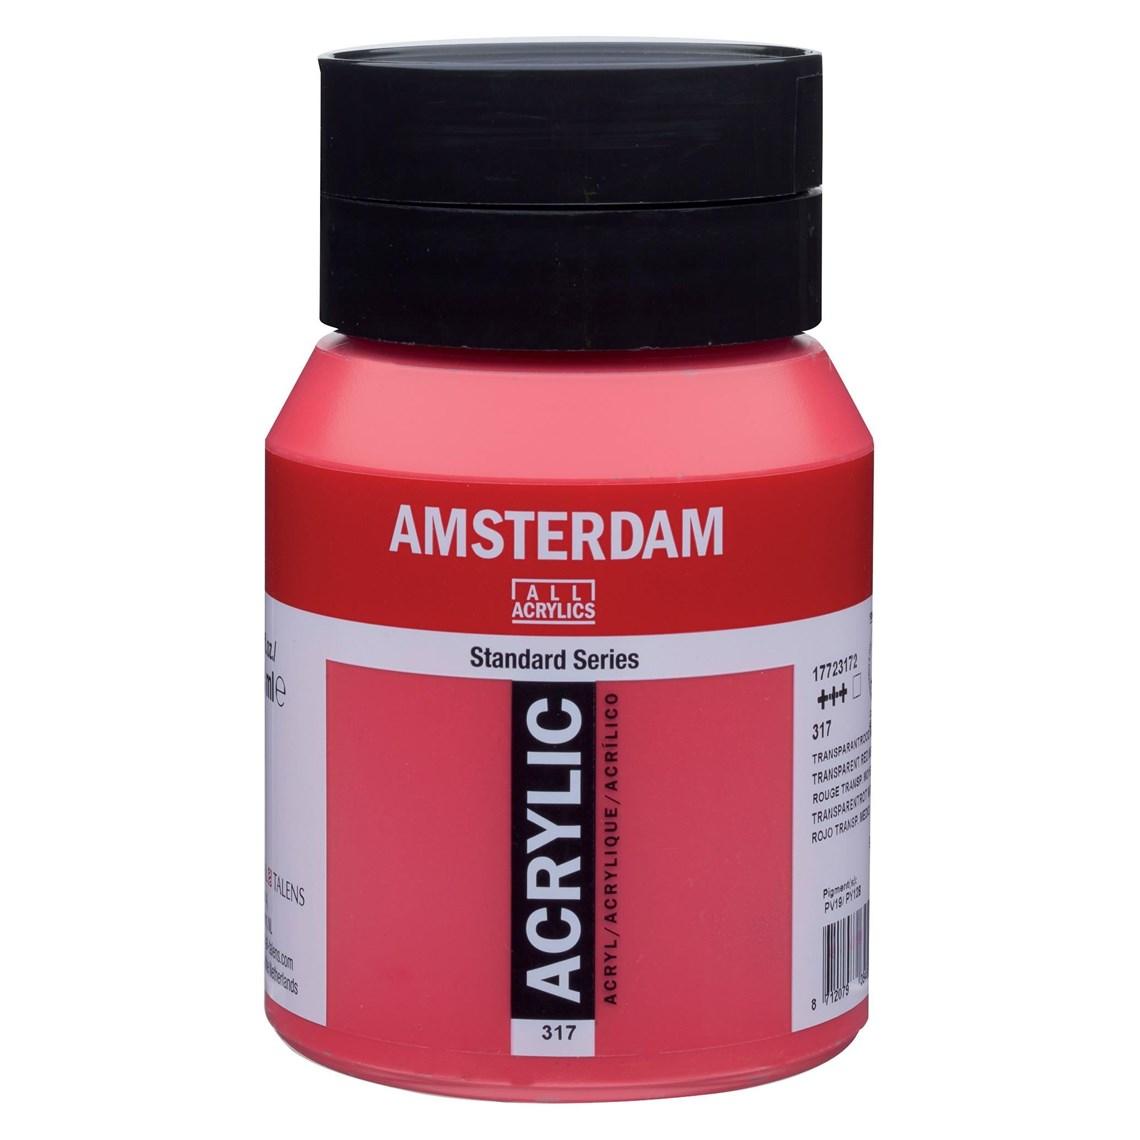 Amsterdam acrylverf Transparantrood middel 317 Angelart Kunst en zo